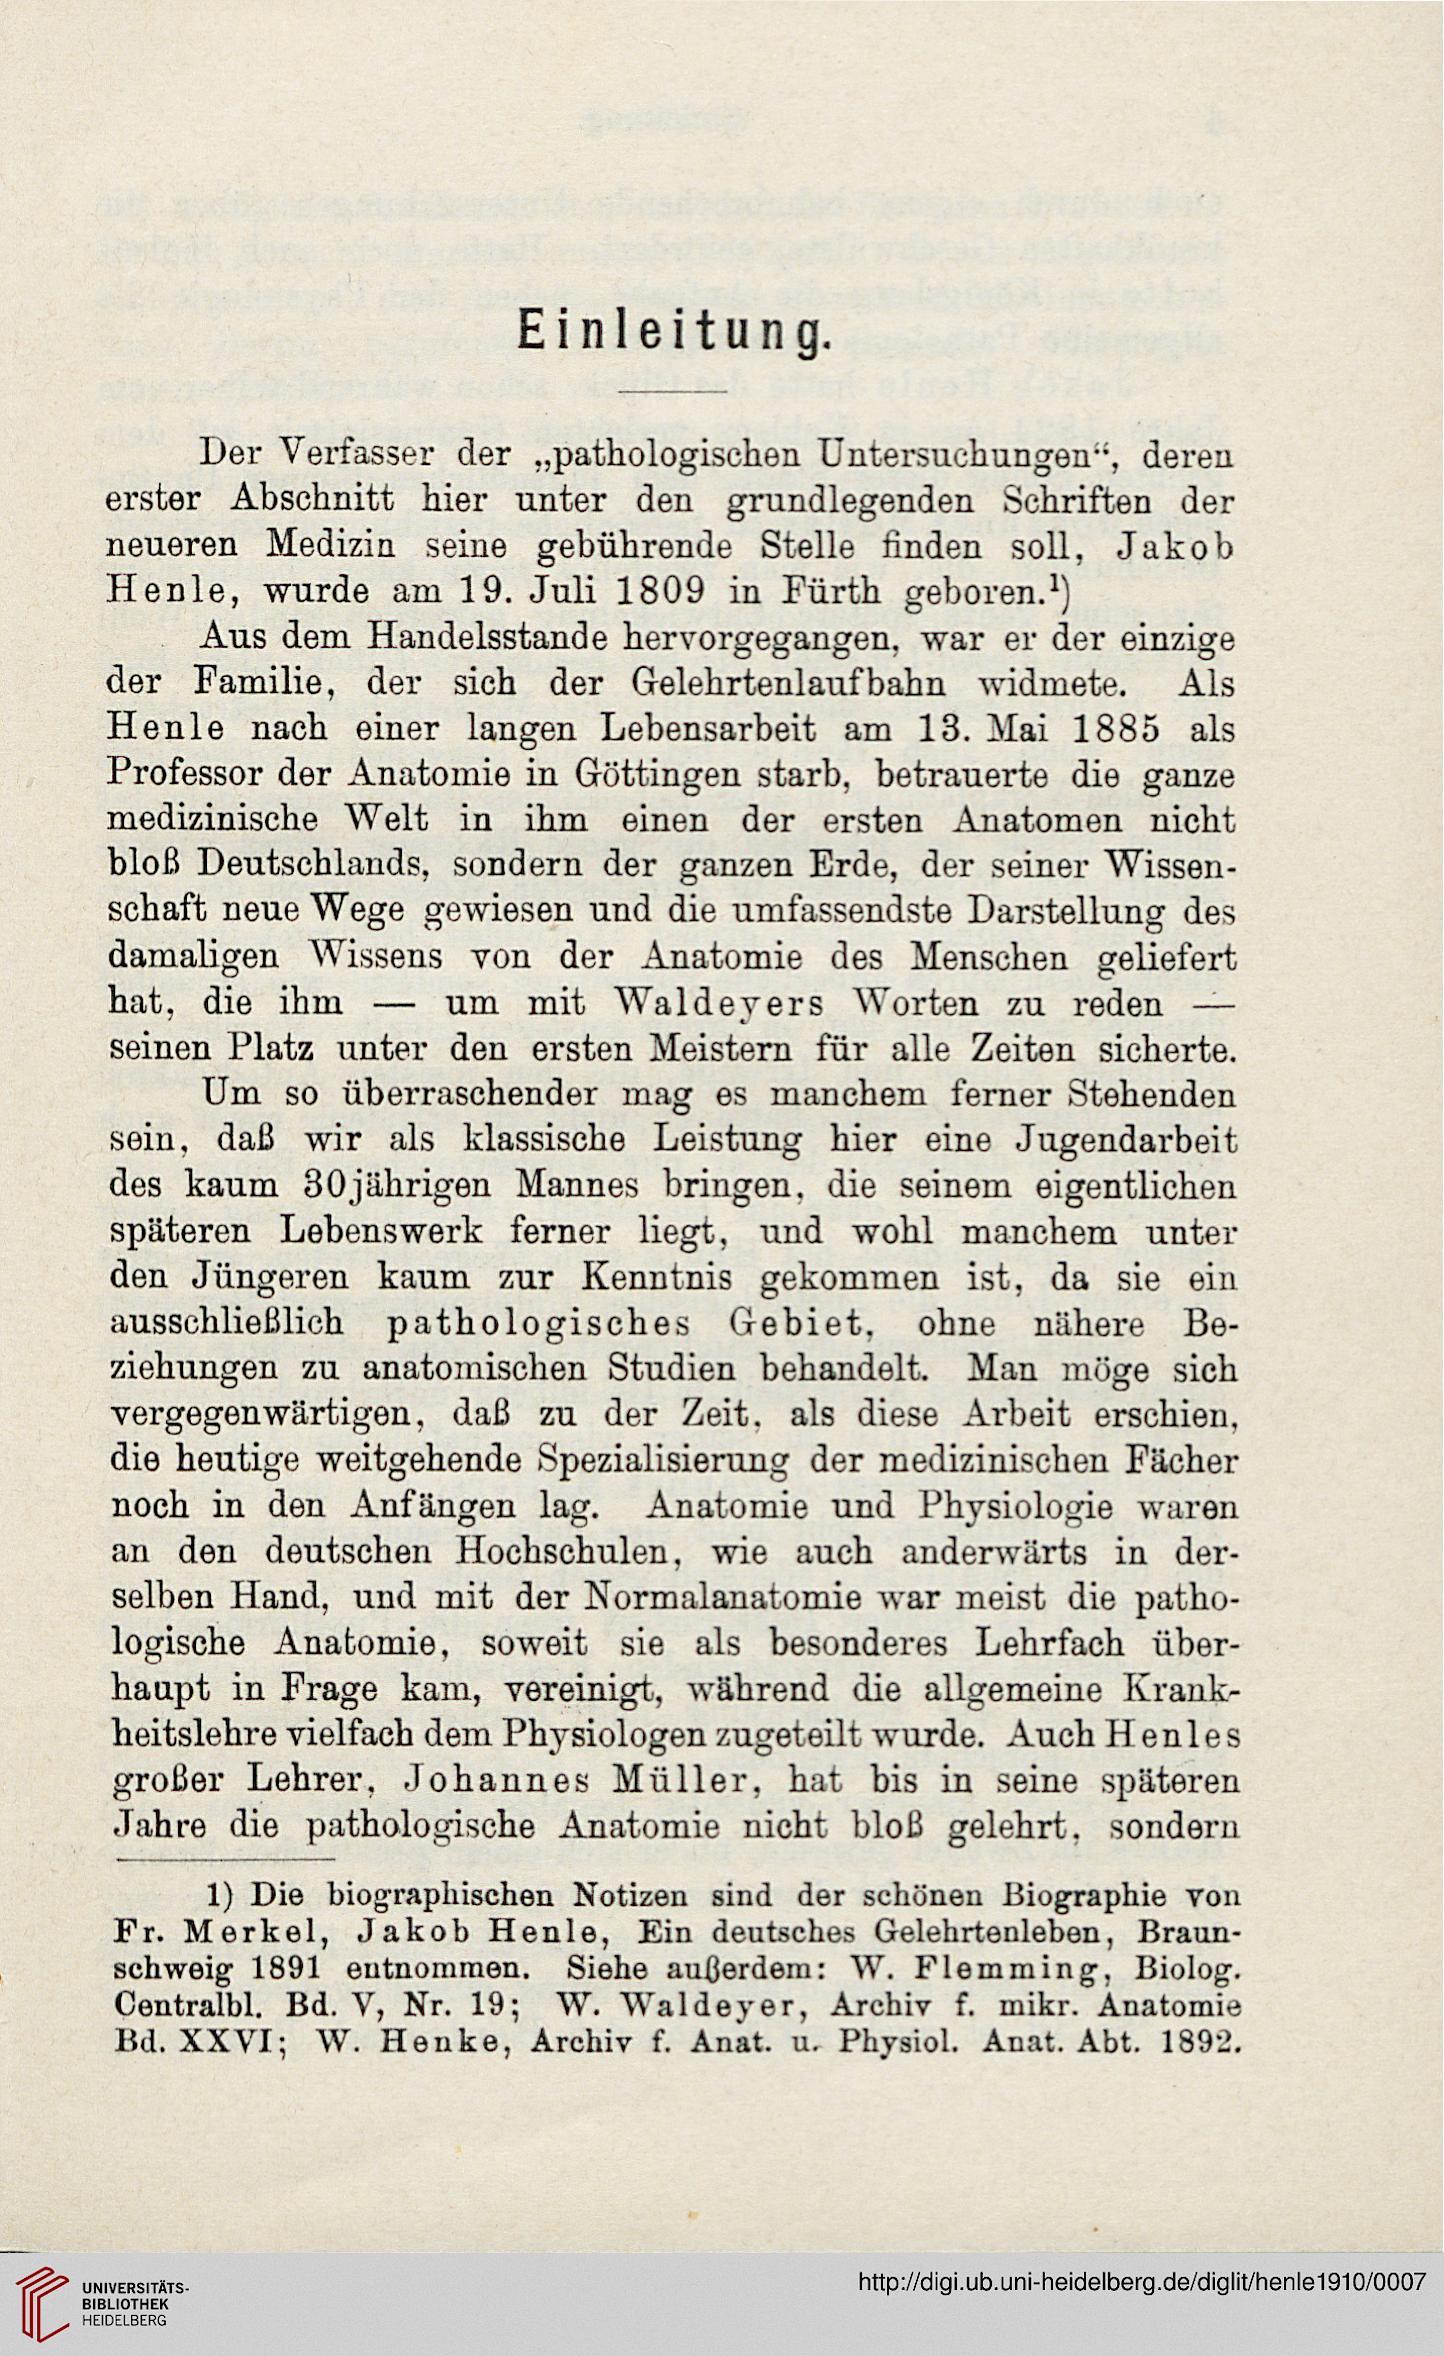 Ausgezeichnet Anatomie Und Physiologie 1 Notizen Fotos - Menschliche ...